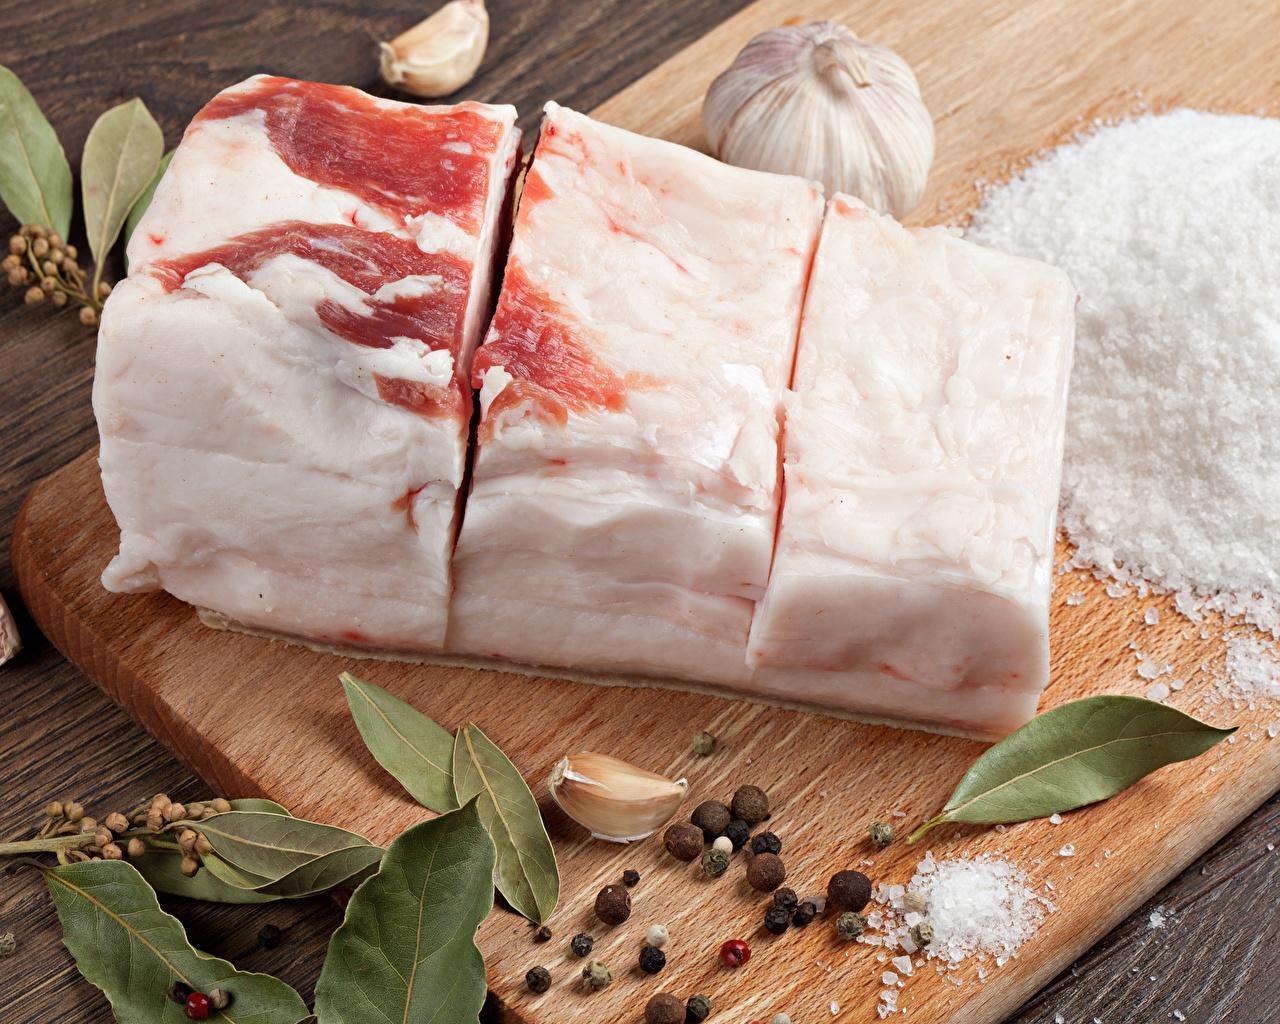 Fotos Schwarzer Pfeffer Salo - Lebensmittel Salz Knoblauch Gewürze Lebensmittel Schneidebrett